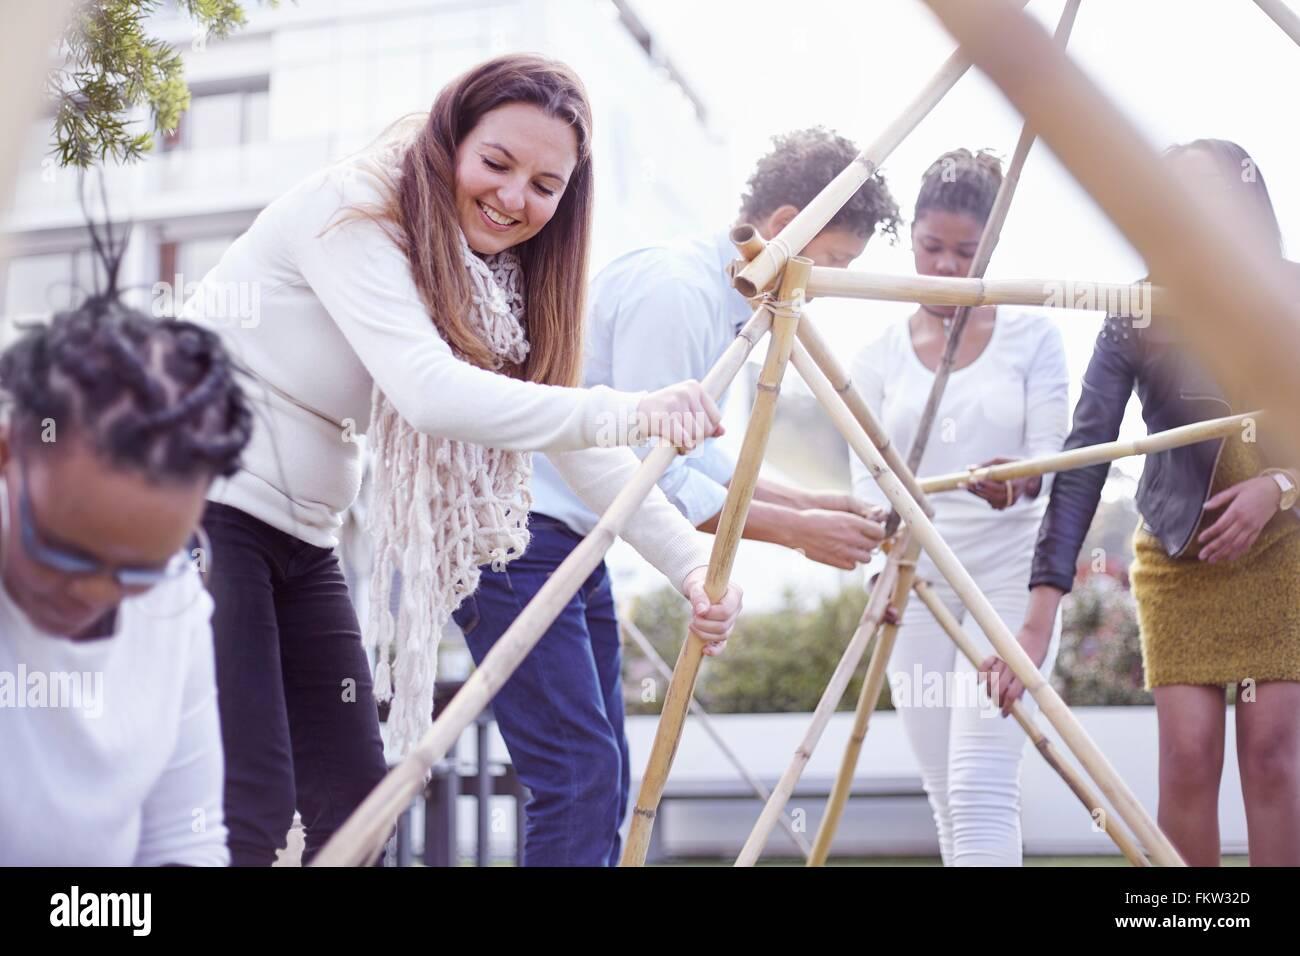 Colegas de team building edificio tareas estructura de madera sonriendo Imagen De Stock